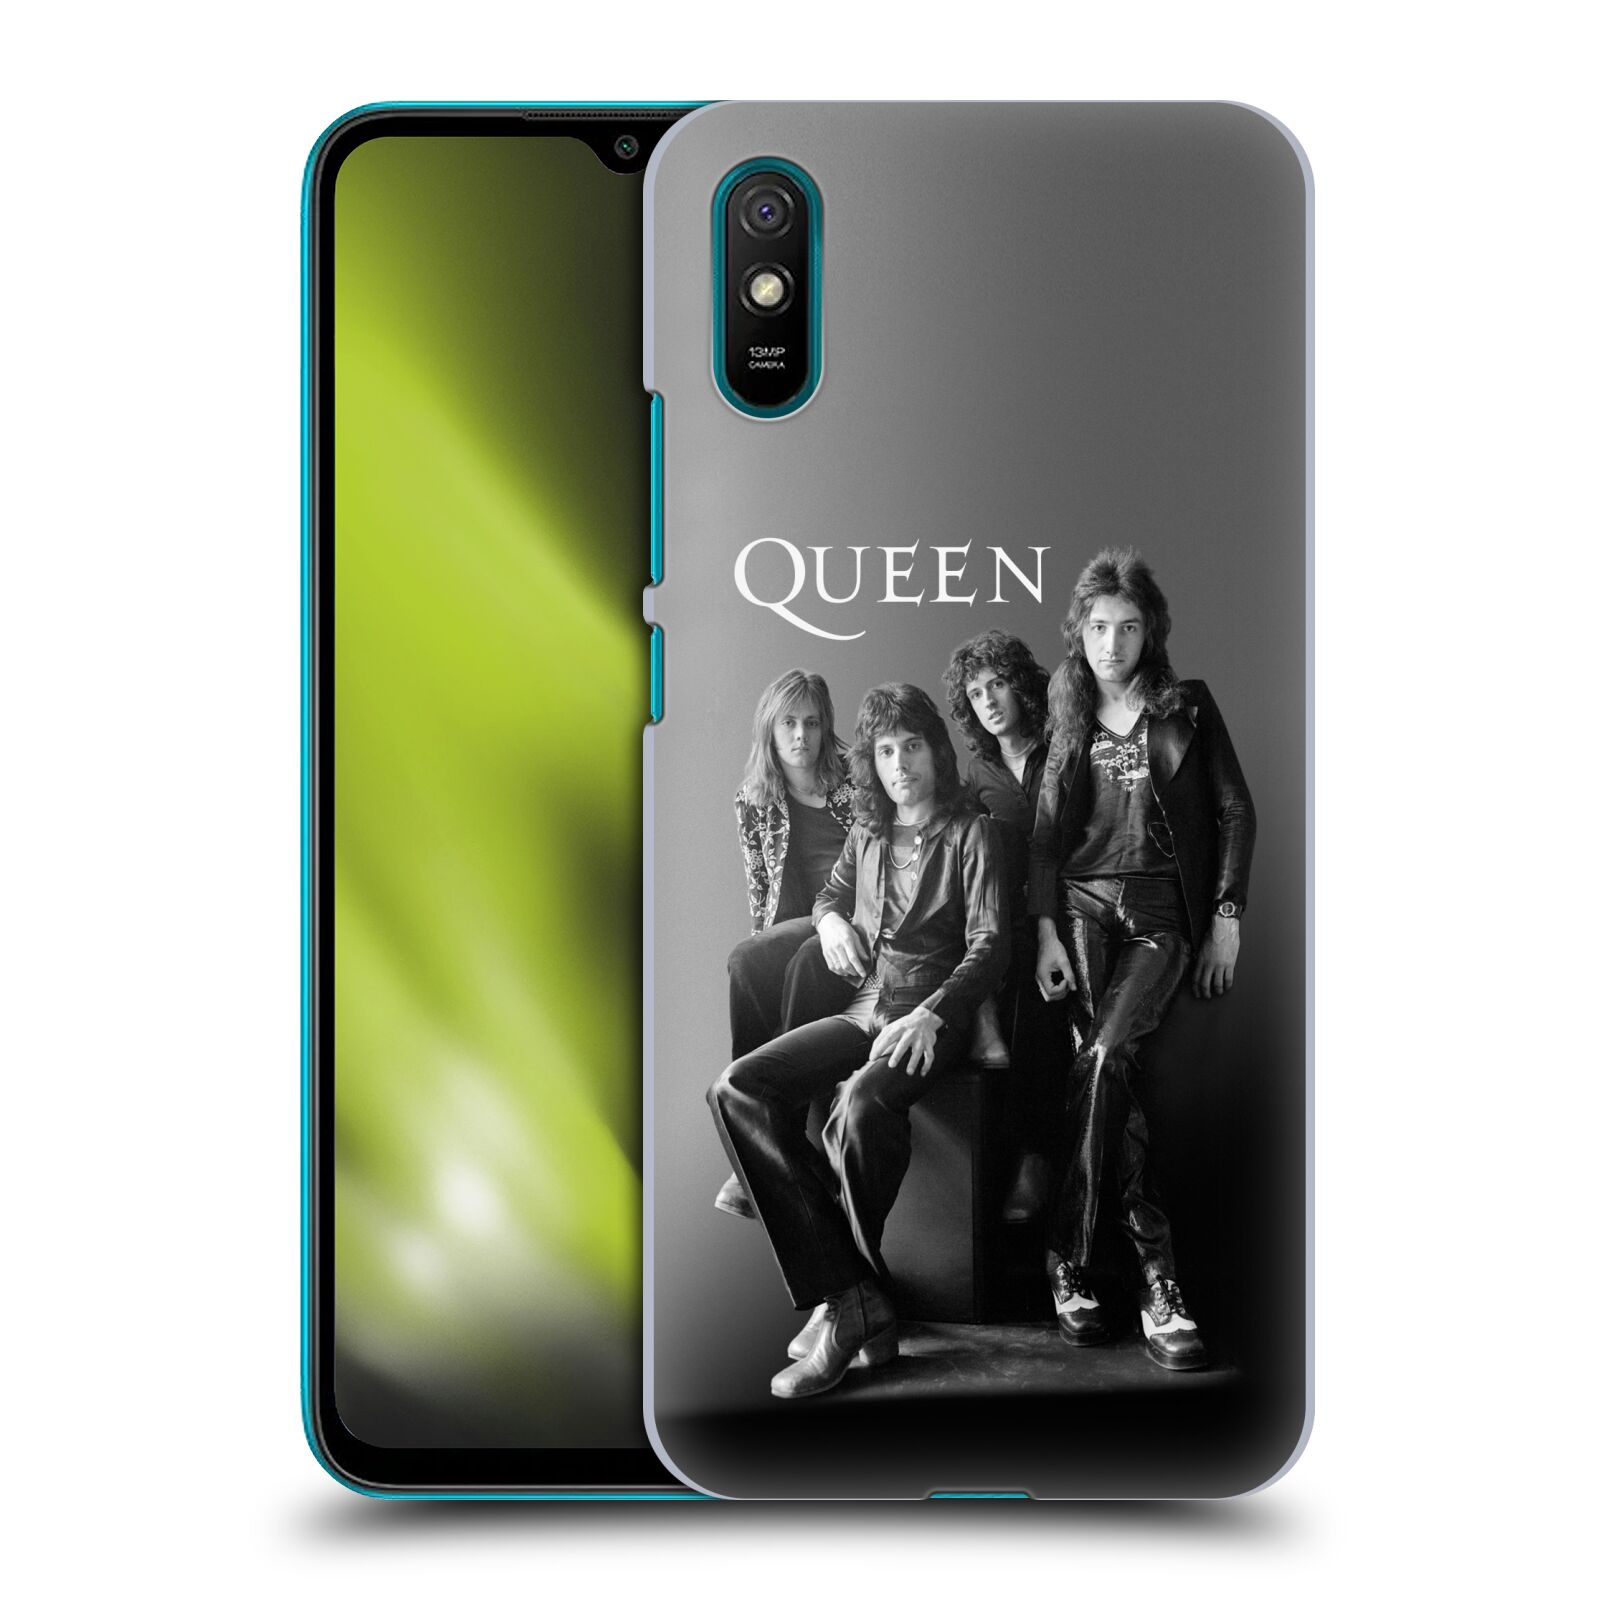 Plastové pouzdro na mobil Xiaomi Redmi 9A / Xiaomi Redmi 9AT - Head Case - Queen - Skupina